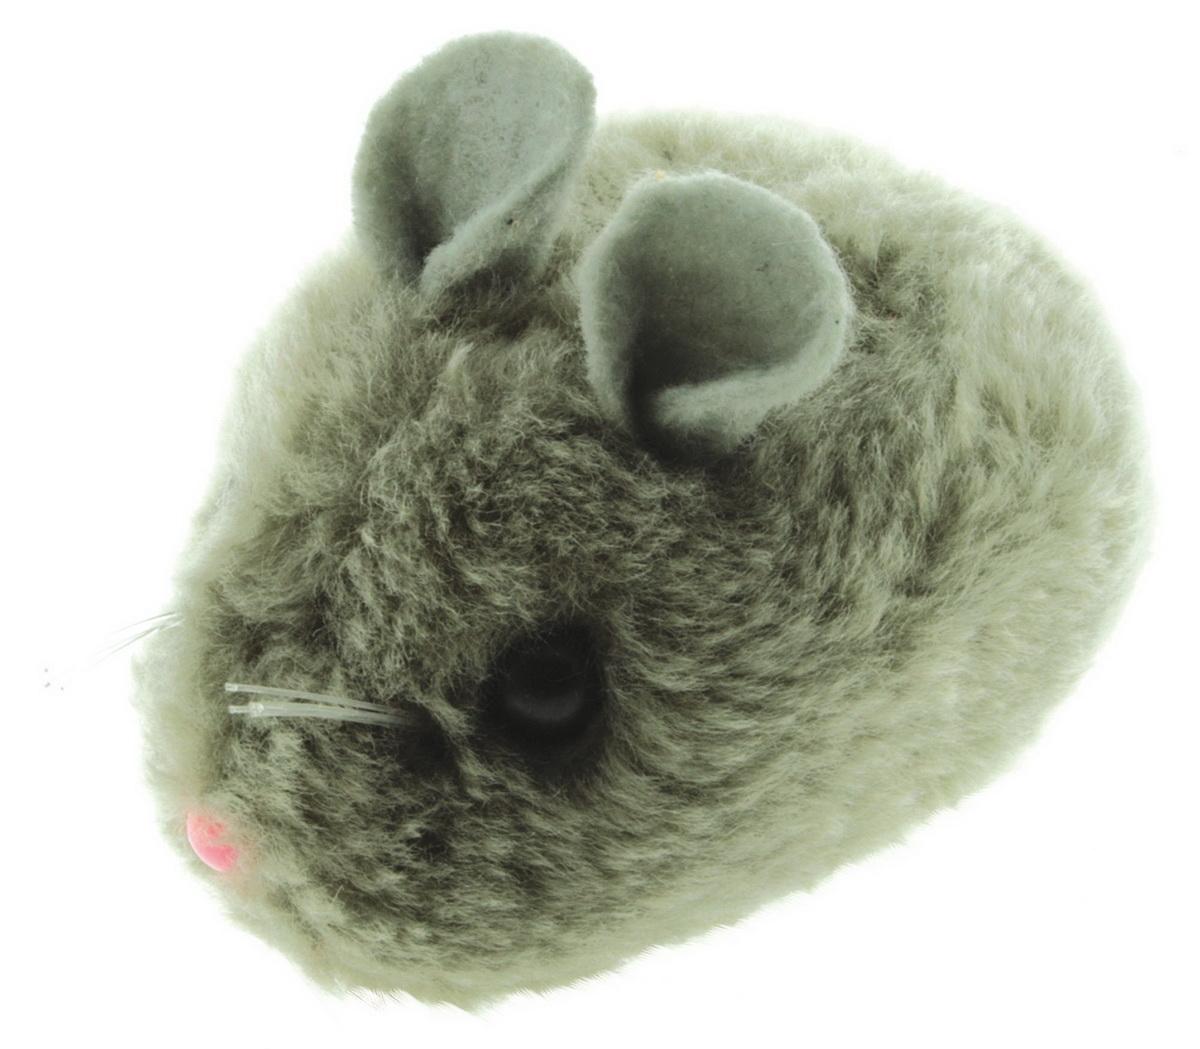 Игрушка для кошек Dezzie Мышь. Актив №4, цвет: серый, 8 см27799305/зеленыйИгрушка для кошек Dezzie Мышь. Актив №4 изготовлена из искусственного меха и пластика.Такая игрушка порадует вашего любимца, а вам доставит массу приятных эмоций, ведь наблюдать за игрой всегда интересно и приятно.Игрушка Dezzie не только вызовет интерес у кошки, но и будет способствовать ее развитию. Все игрушки созданы из безопасных материалов высокого качества. Они будут долго служить и всегда смогут порадовать питомцев и их заботливых хозяев. Общая длина игрушки: 8 см.